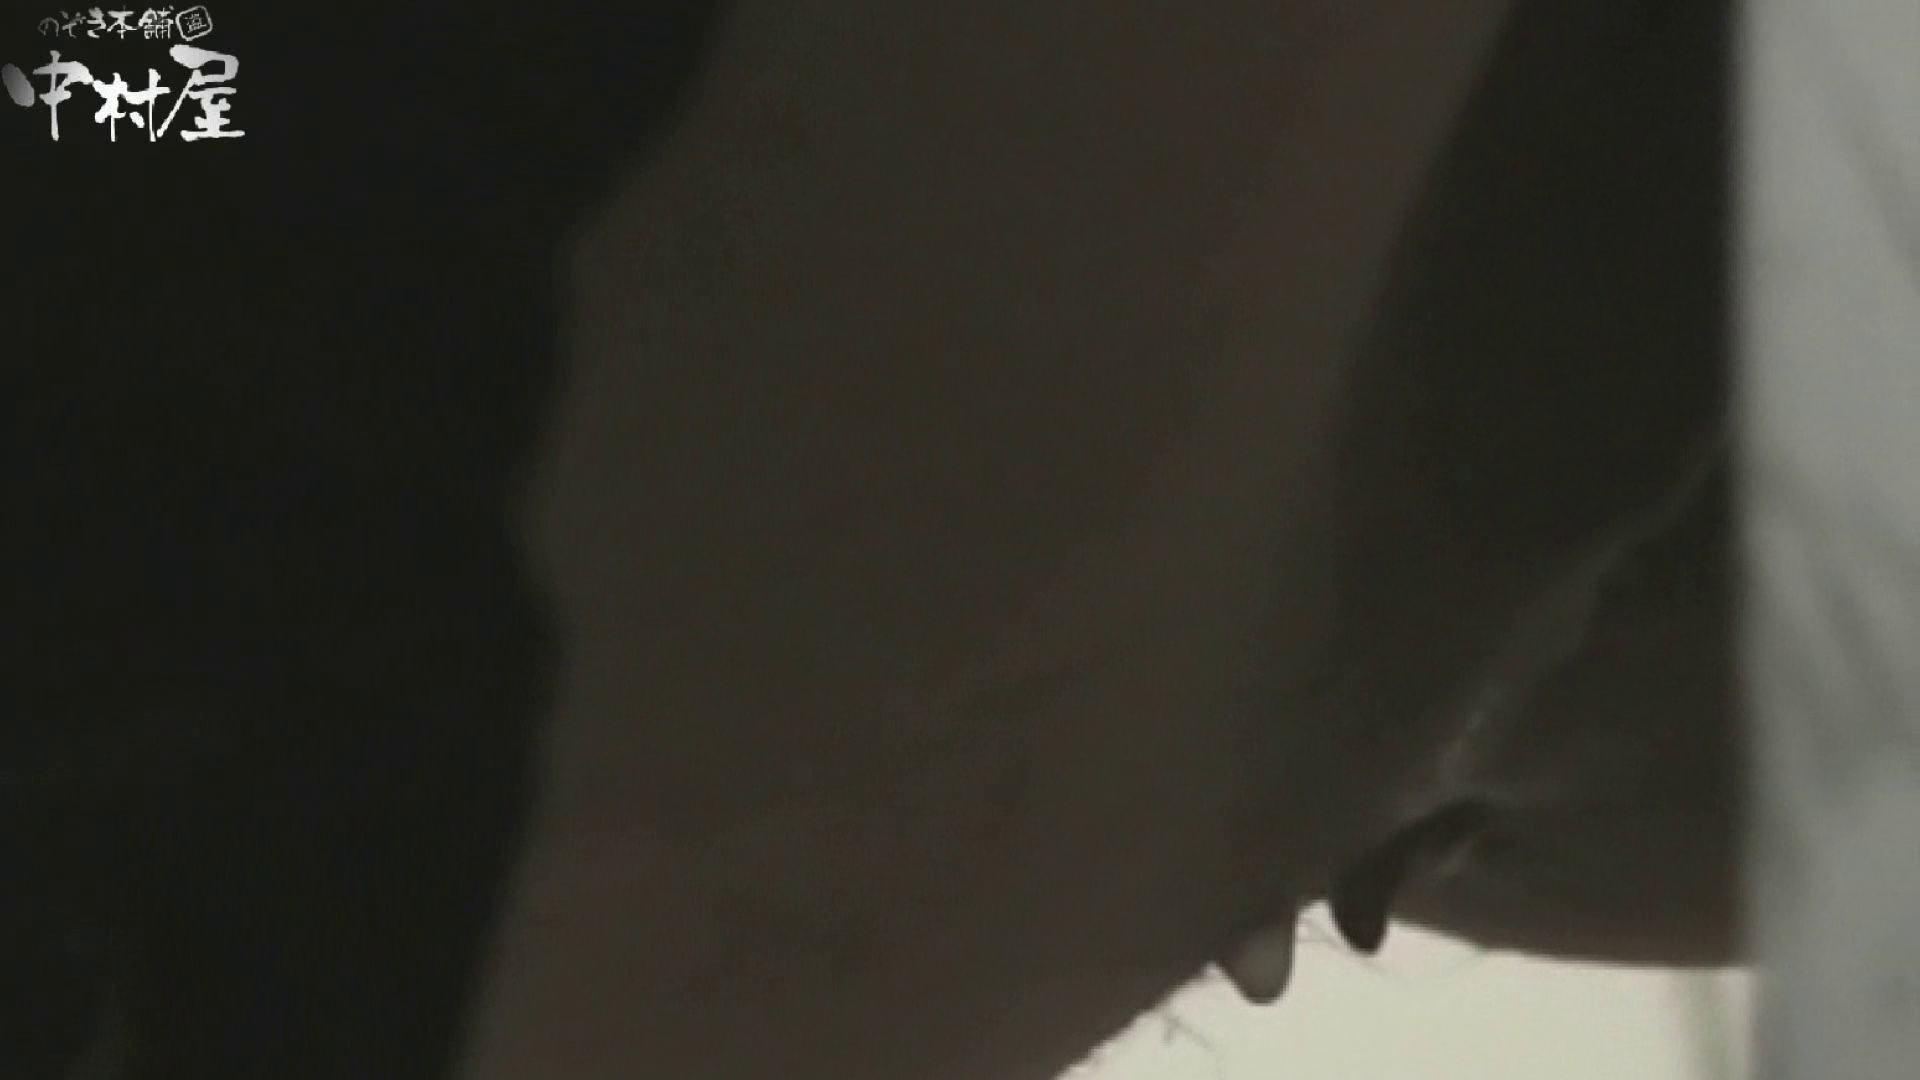 解禁!海の家4カメ洗面所vol.19 OLのエロ生活 | 人気シリーズ  105連発 73